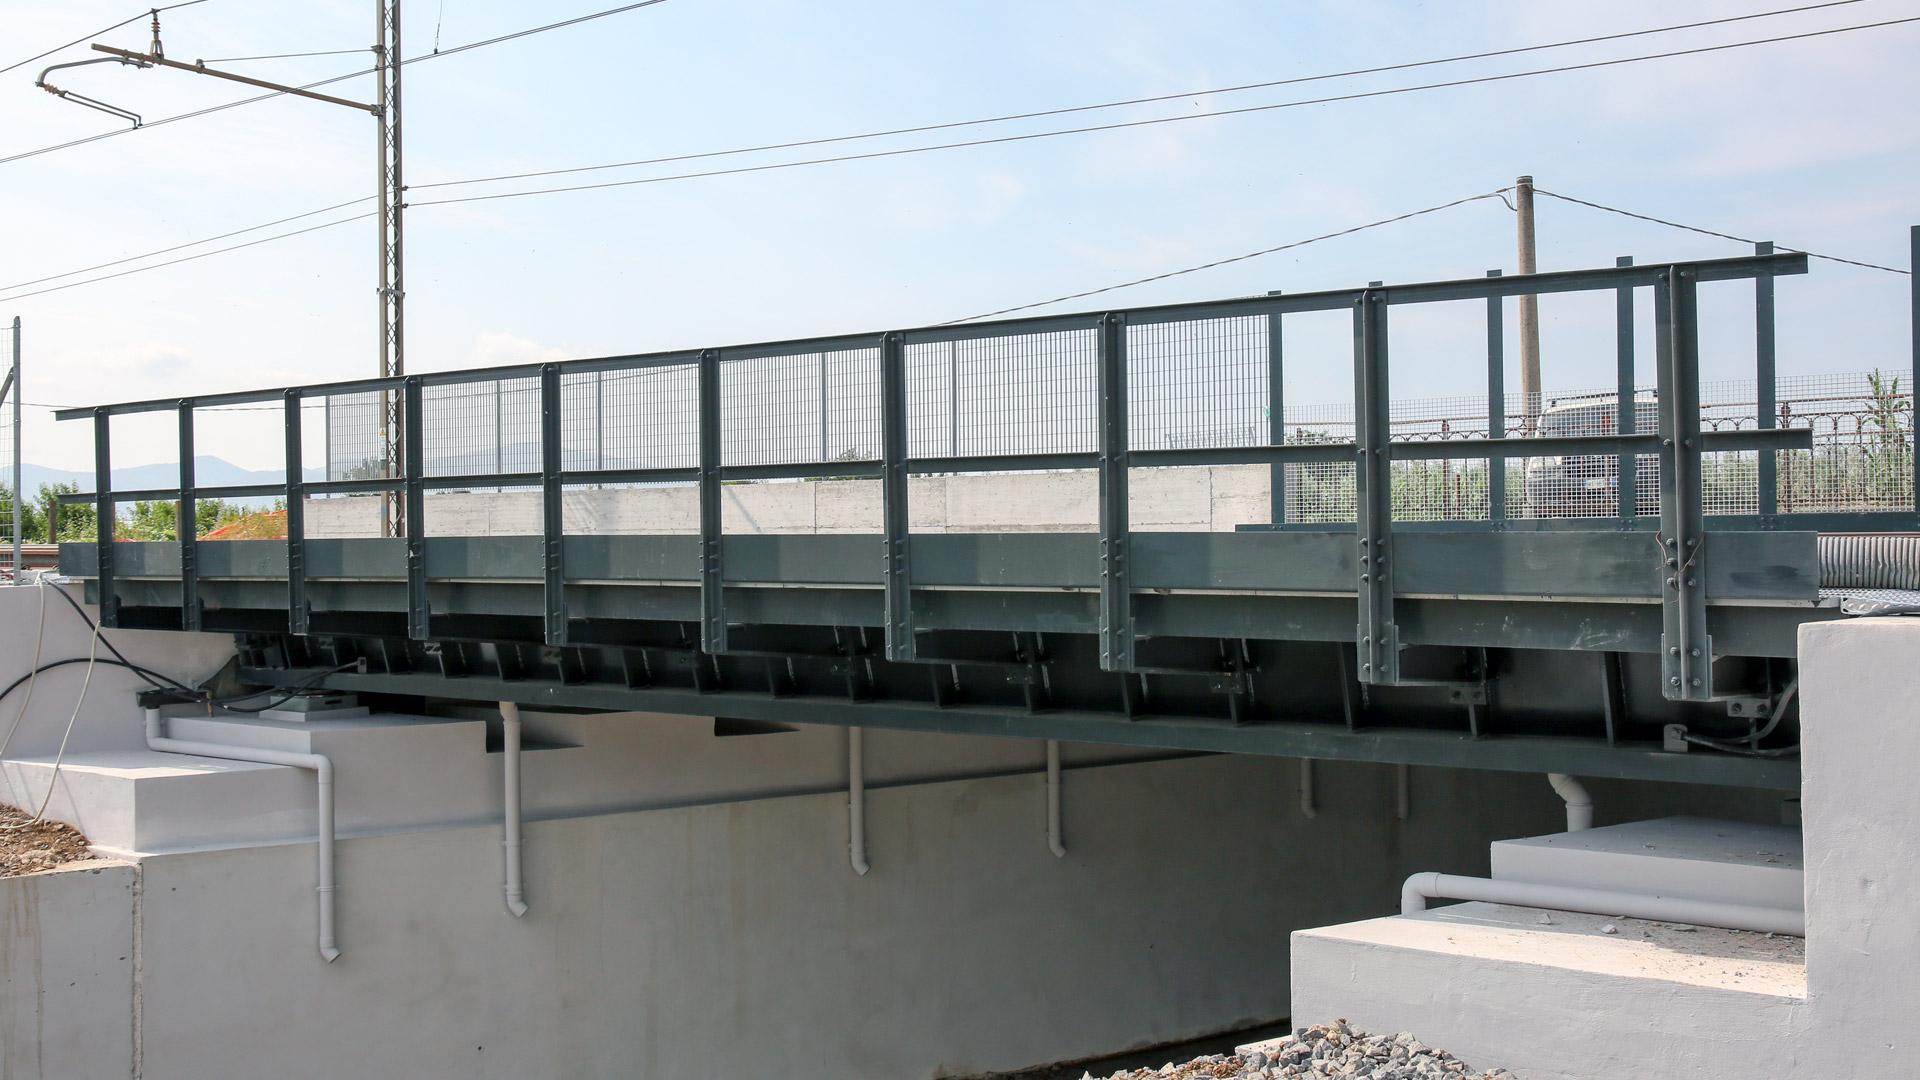 ponte-ferroviario-san-bonifacio-montato-metal-engineering-carpenteria-metallica-civile